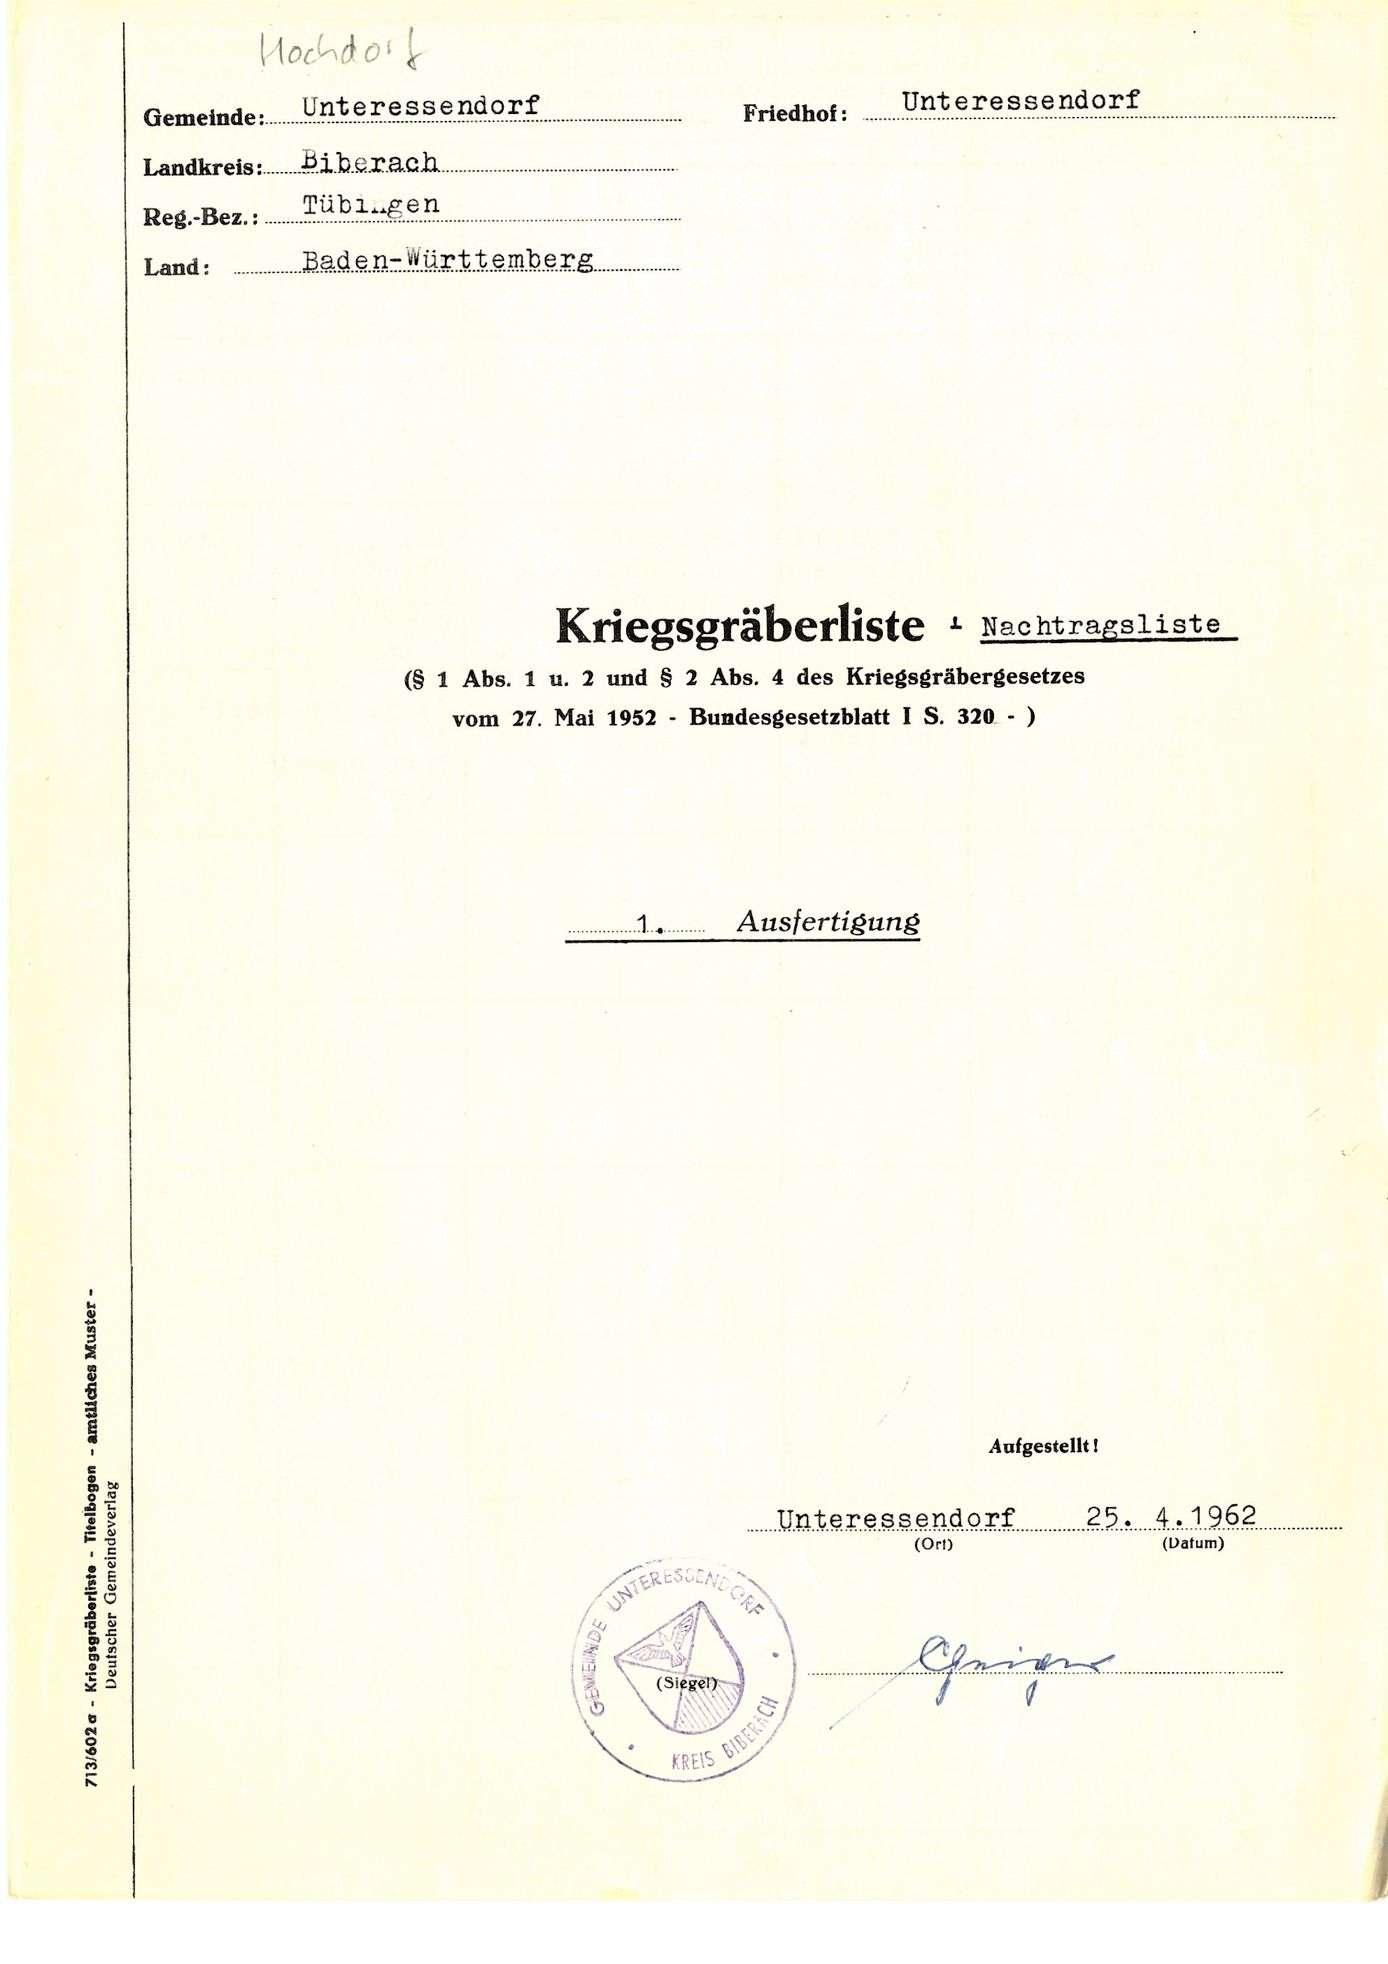 Unteressendorf, Bild 1